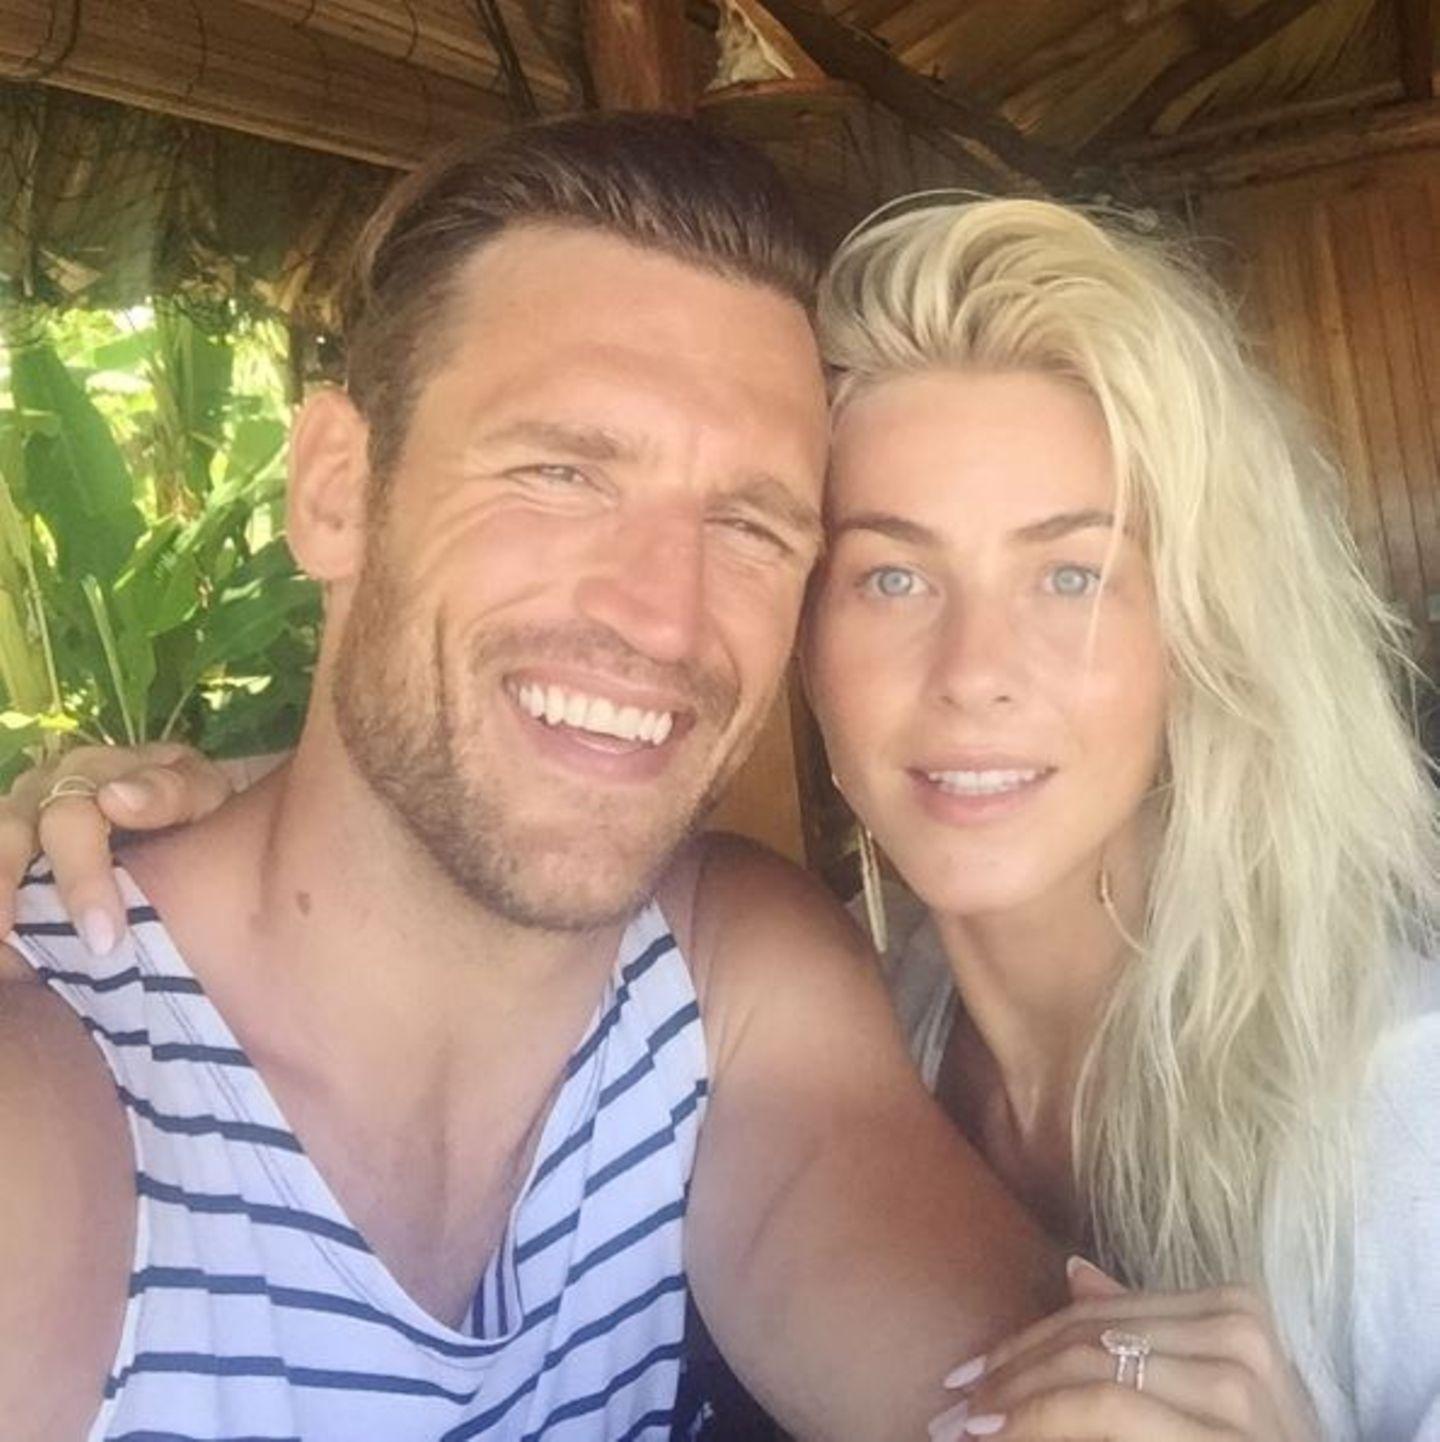 Einmal in die Sonne blinzeln und lächeln! Julianne Hough und Brooks Laich genießen in trauter Zweisamkeit das perfekte Wetter und schießen Selfies zur Erinnerung.